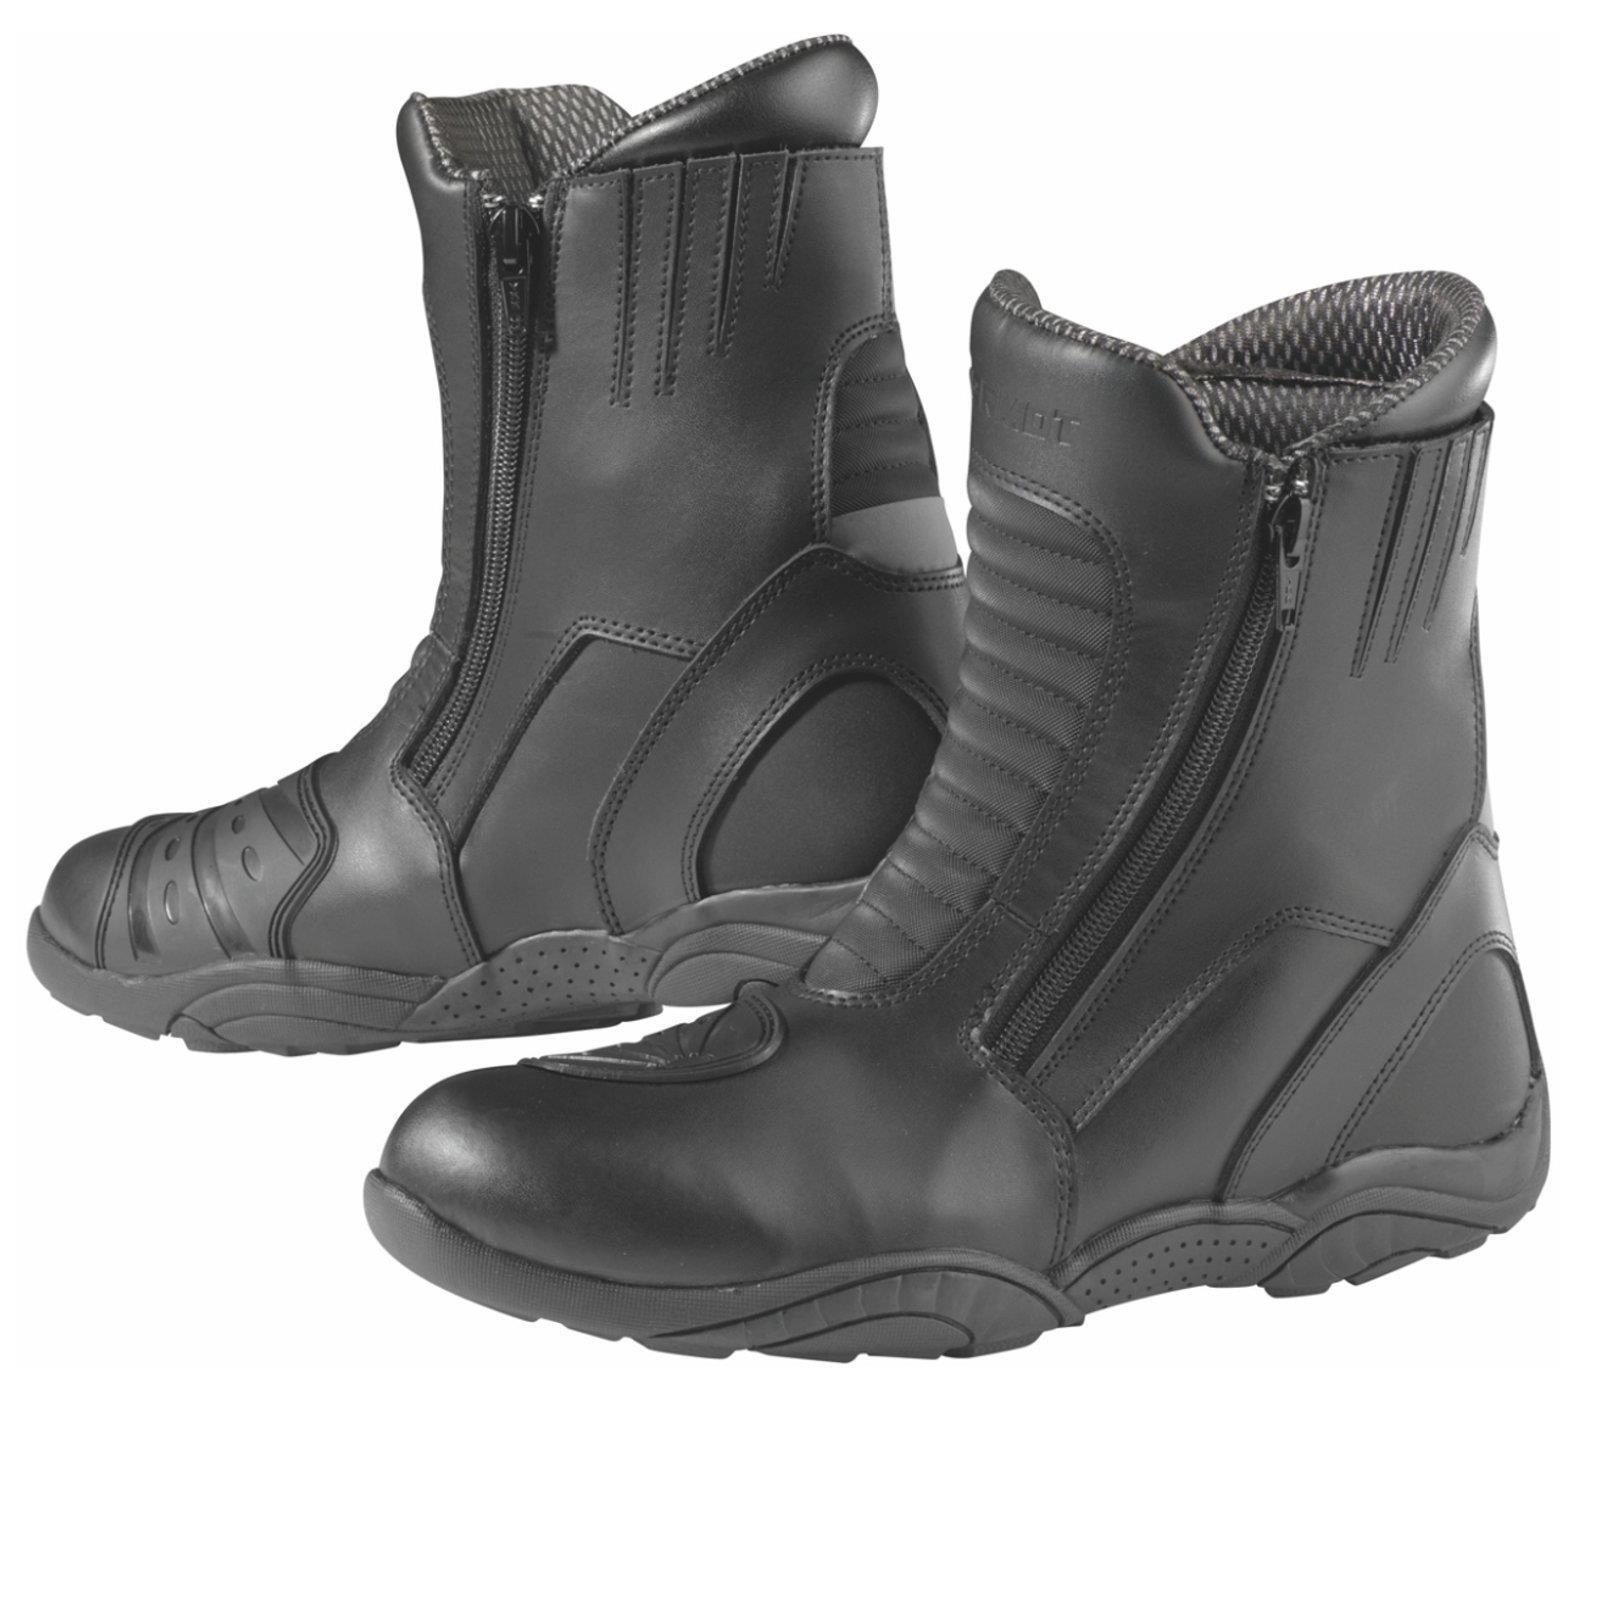 Germot Moto Stivali Trip Protezione Scarpe in Pelle Nero Protezione Trip Caviglia ORTOPEDICO f6d6cb